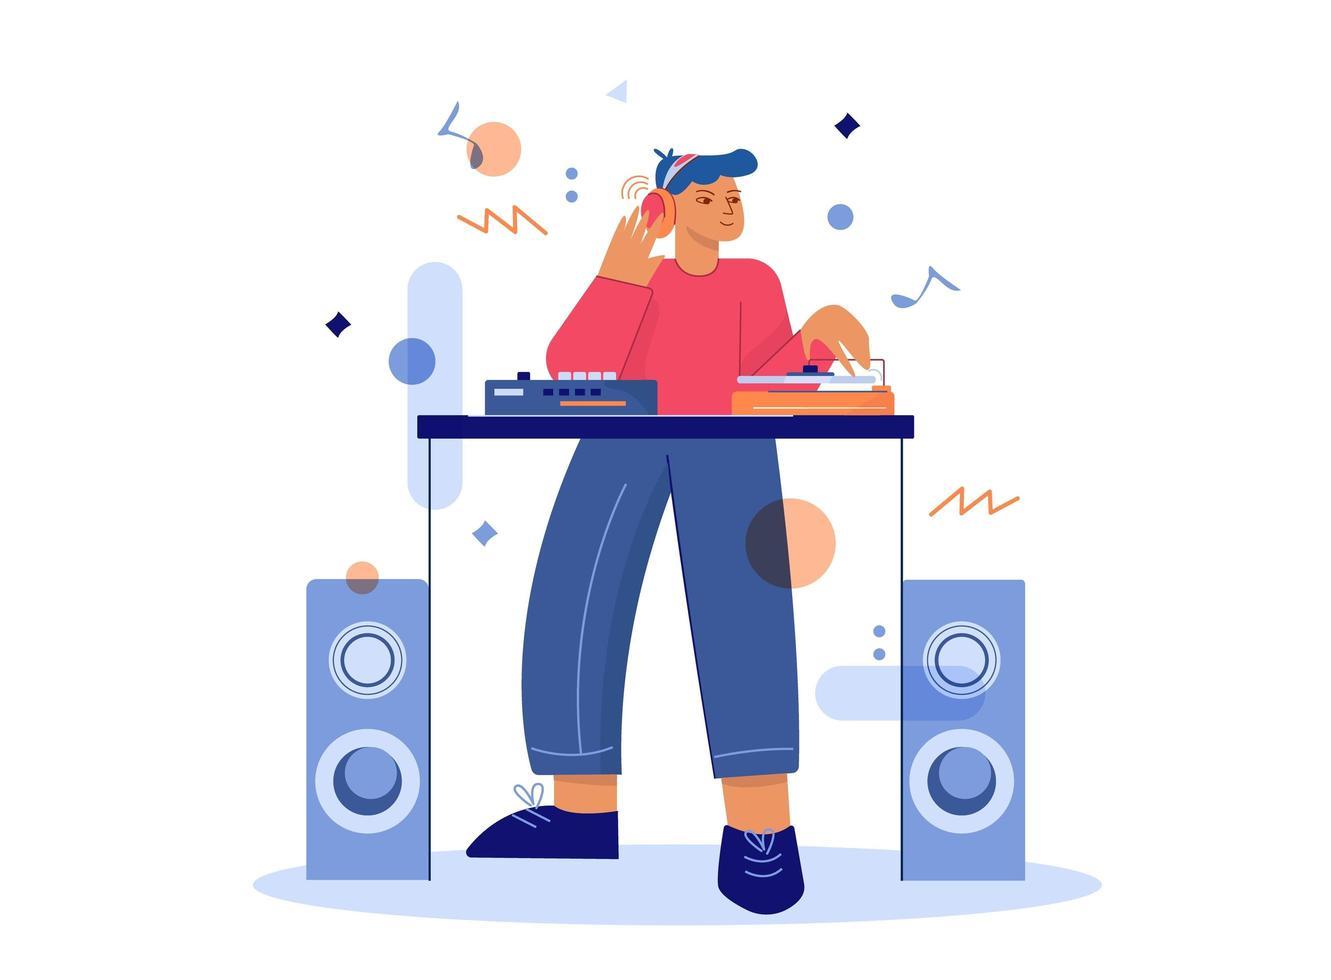 DJ fazendo música no misturador de toca-discos vetor